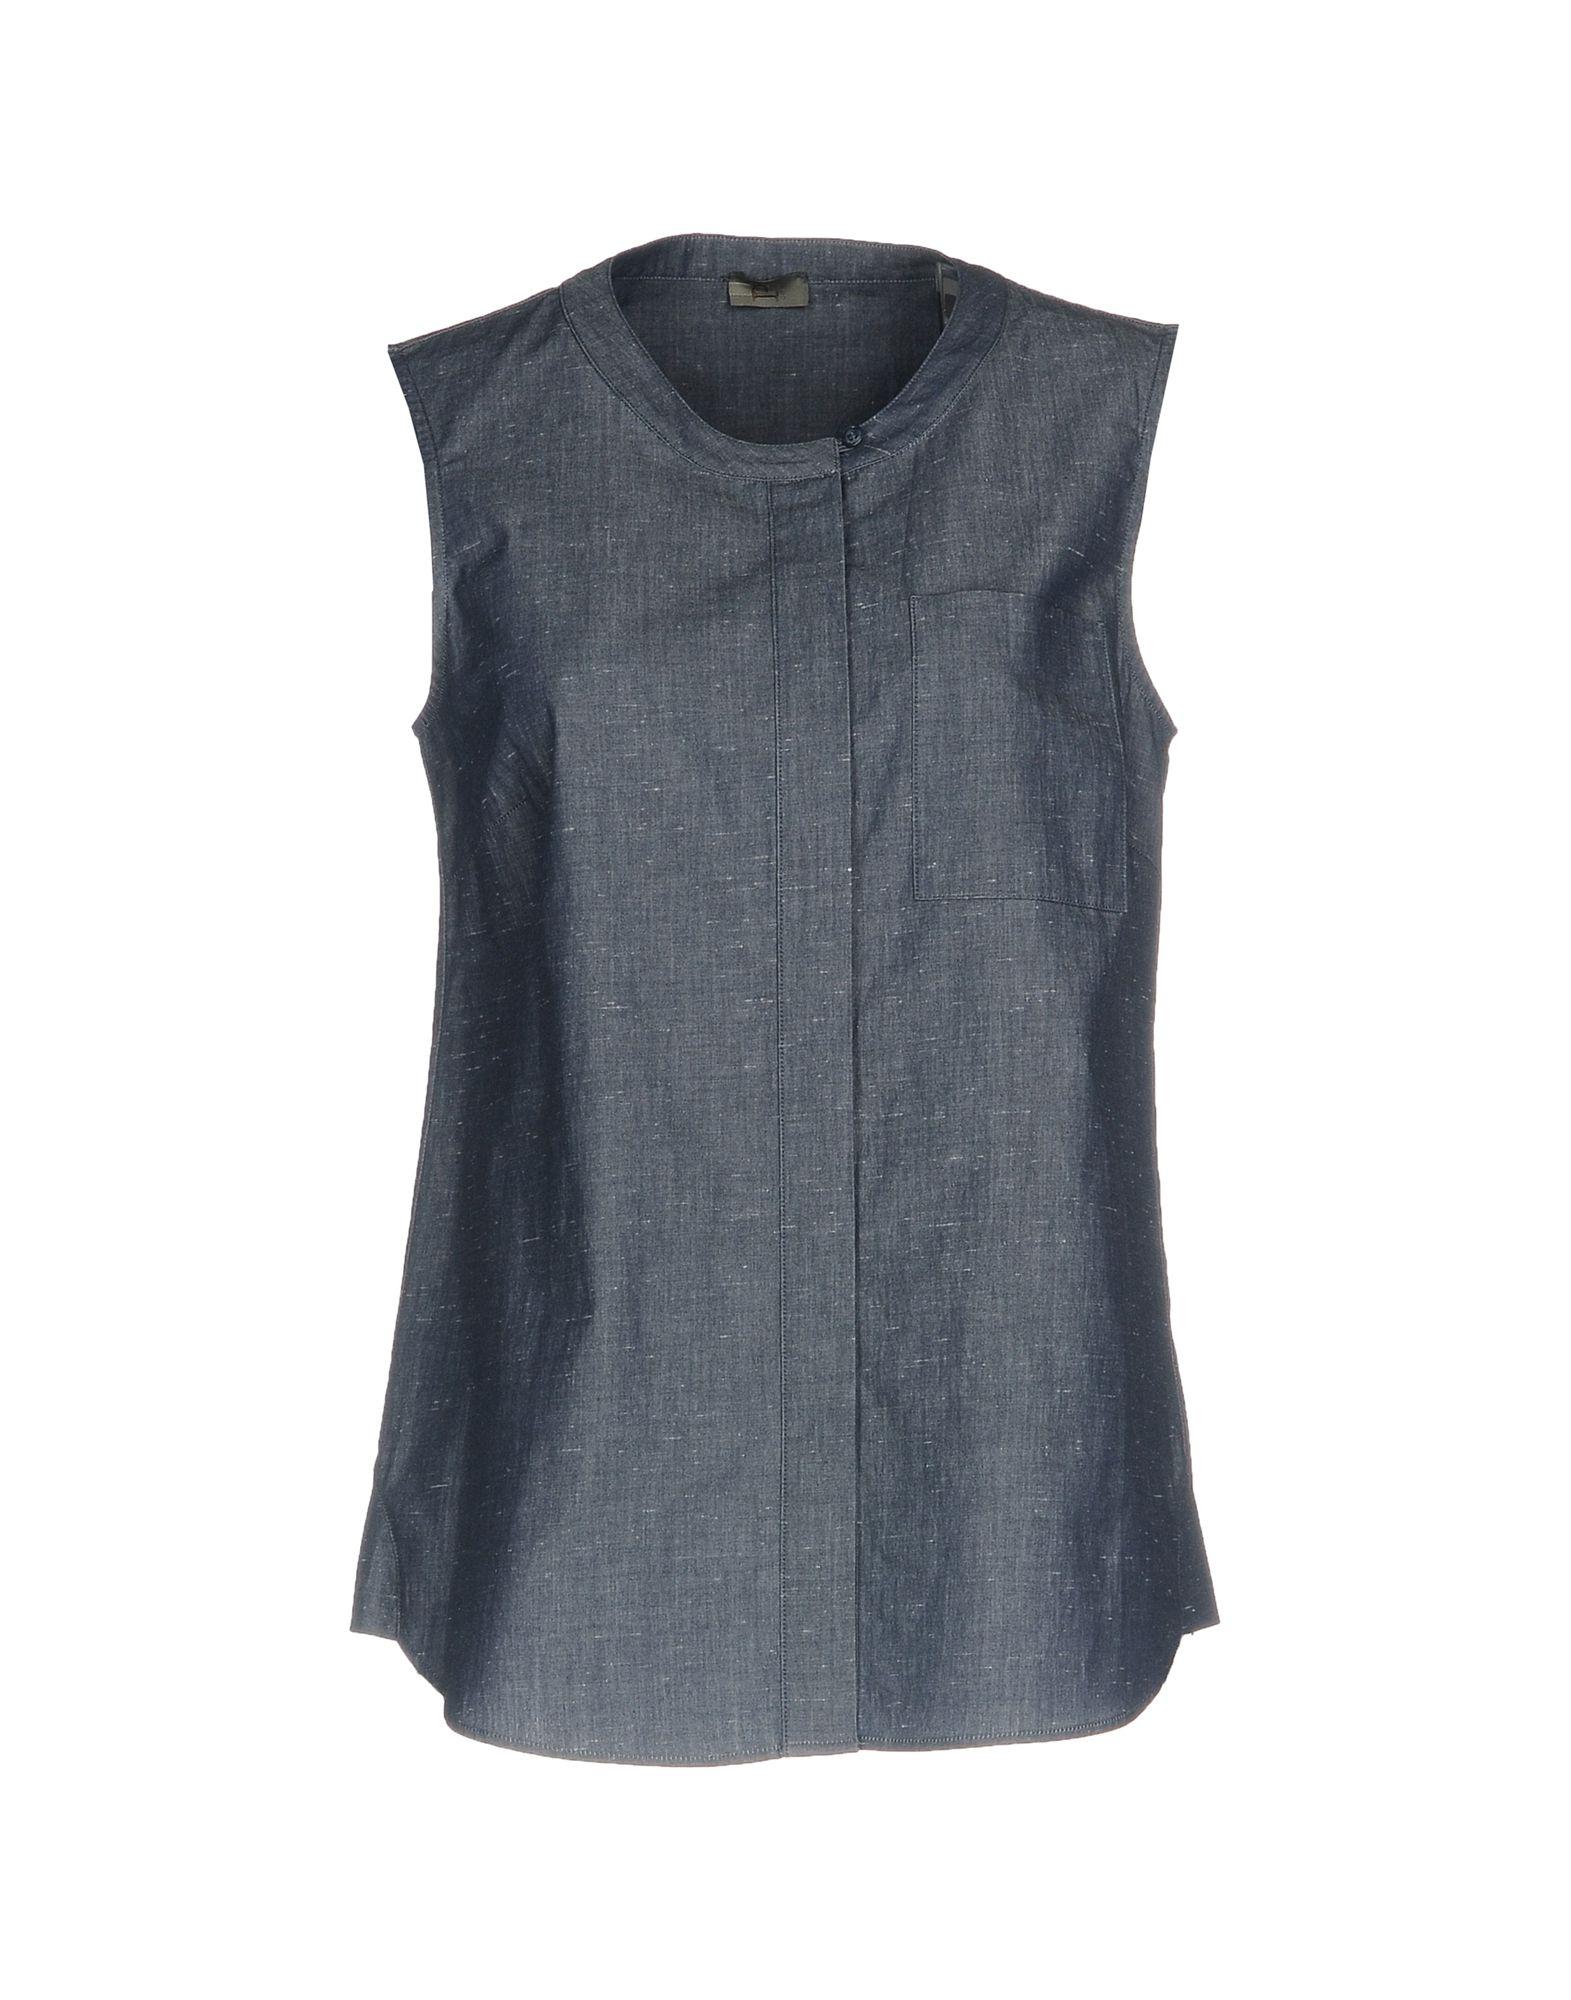 P ONE Джинсовая рубашка джинсовая блузка без рукавов